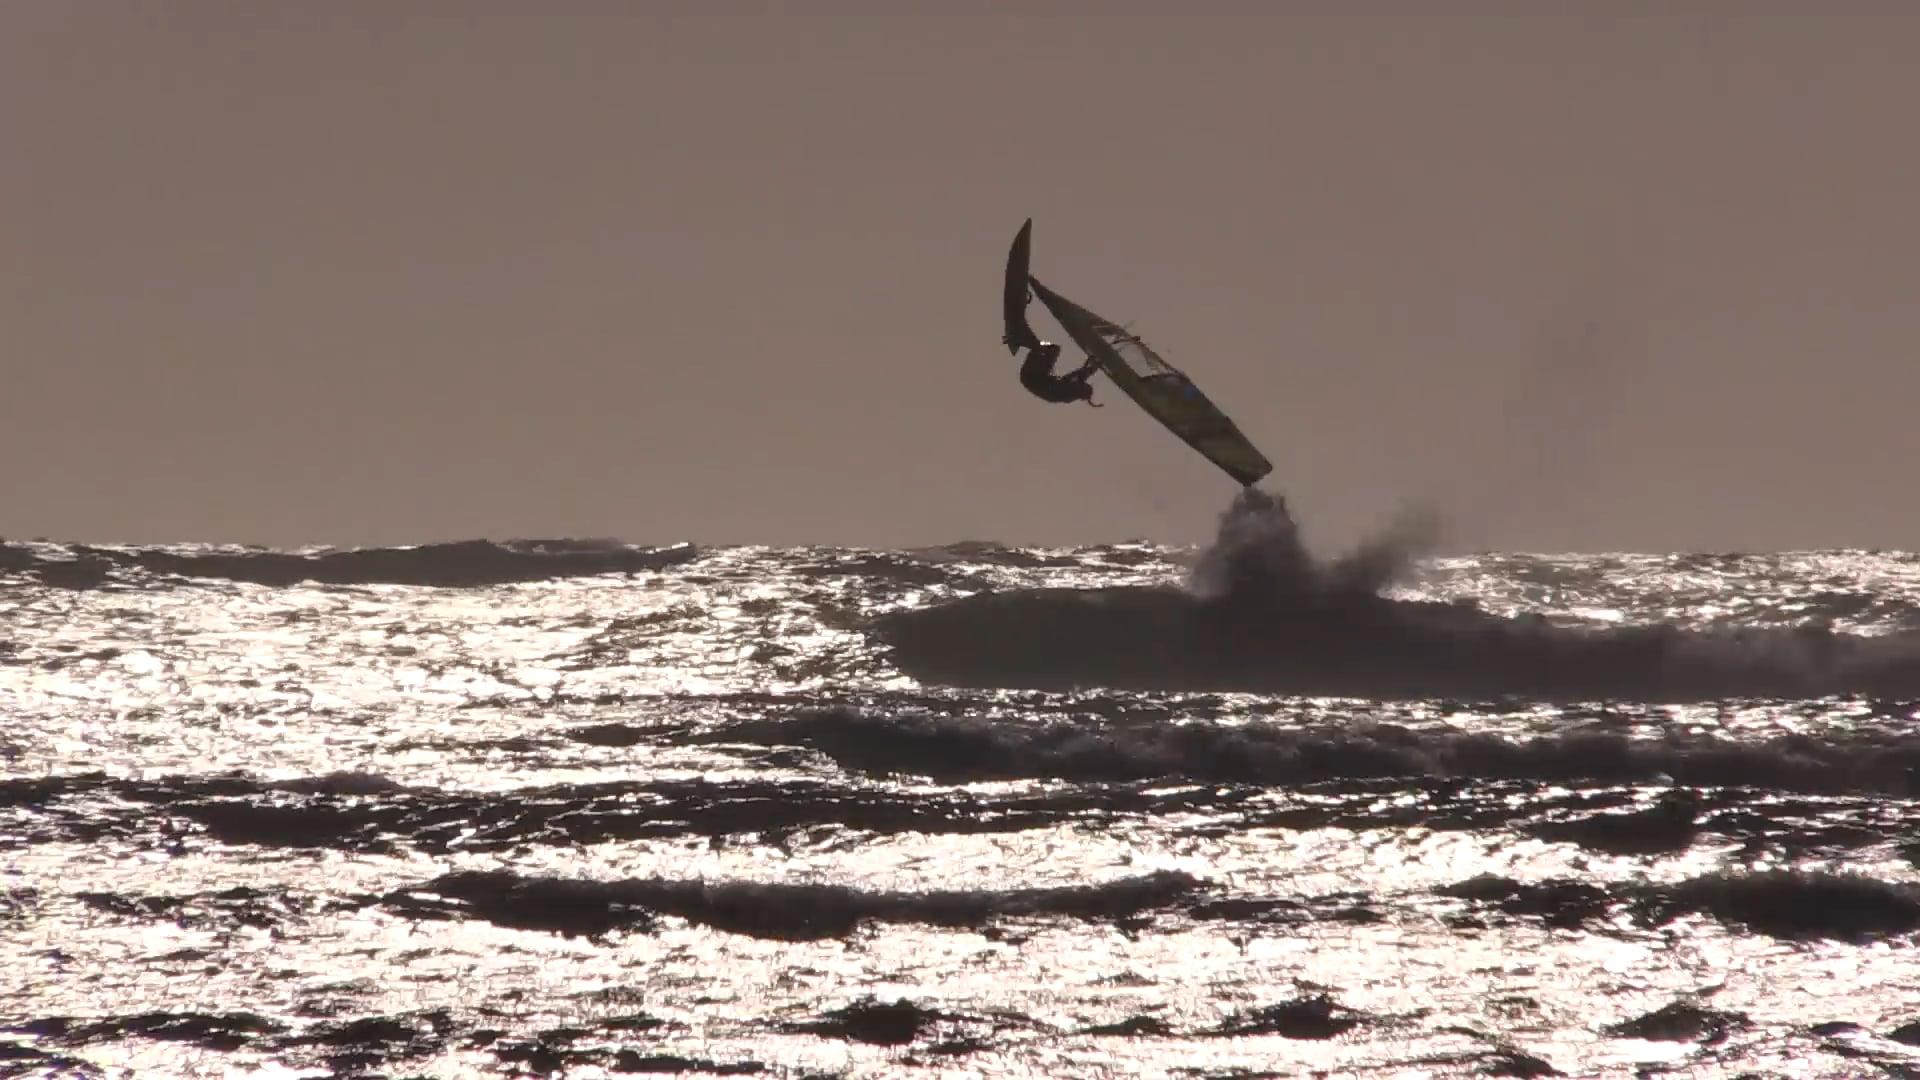 Justyna Sniady Boom - Windsurfing Australia 2018/2019